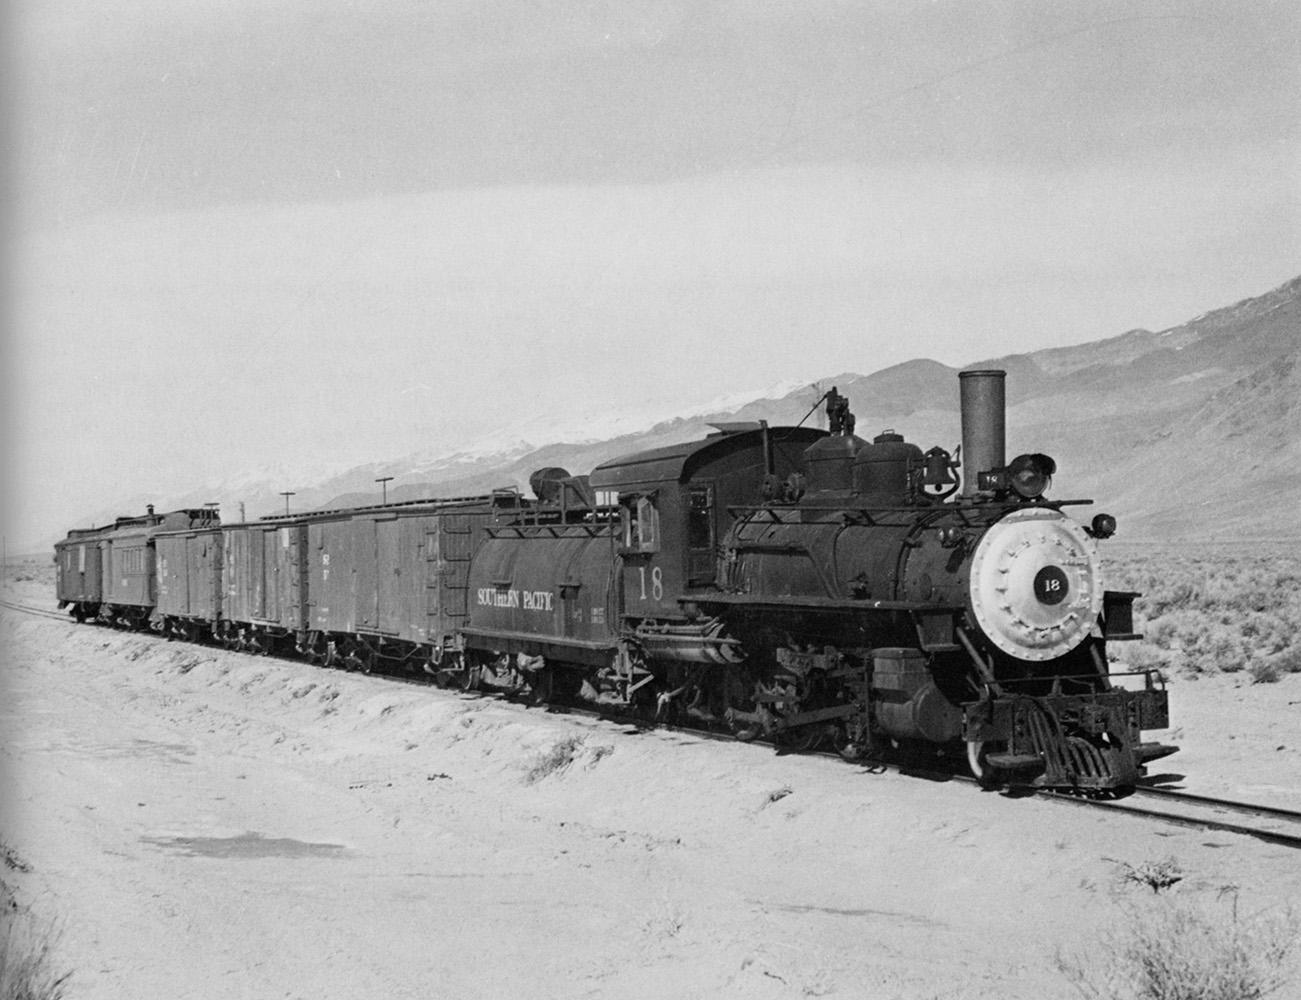 The Carson Amp Colorado Railroad 1